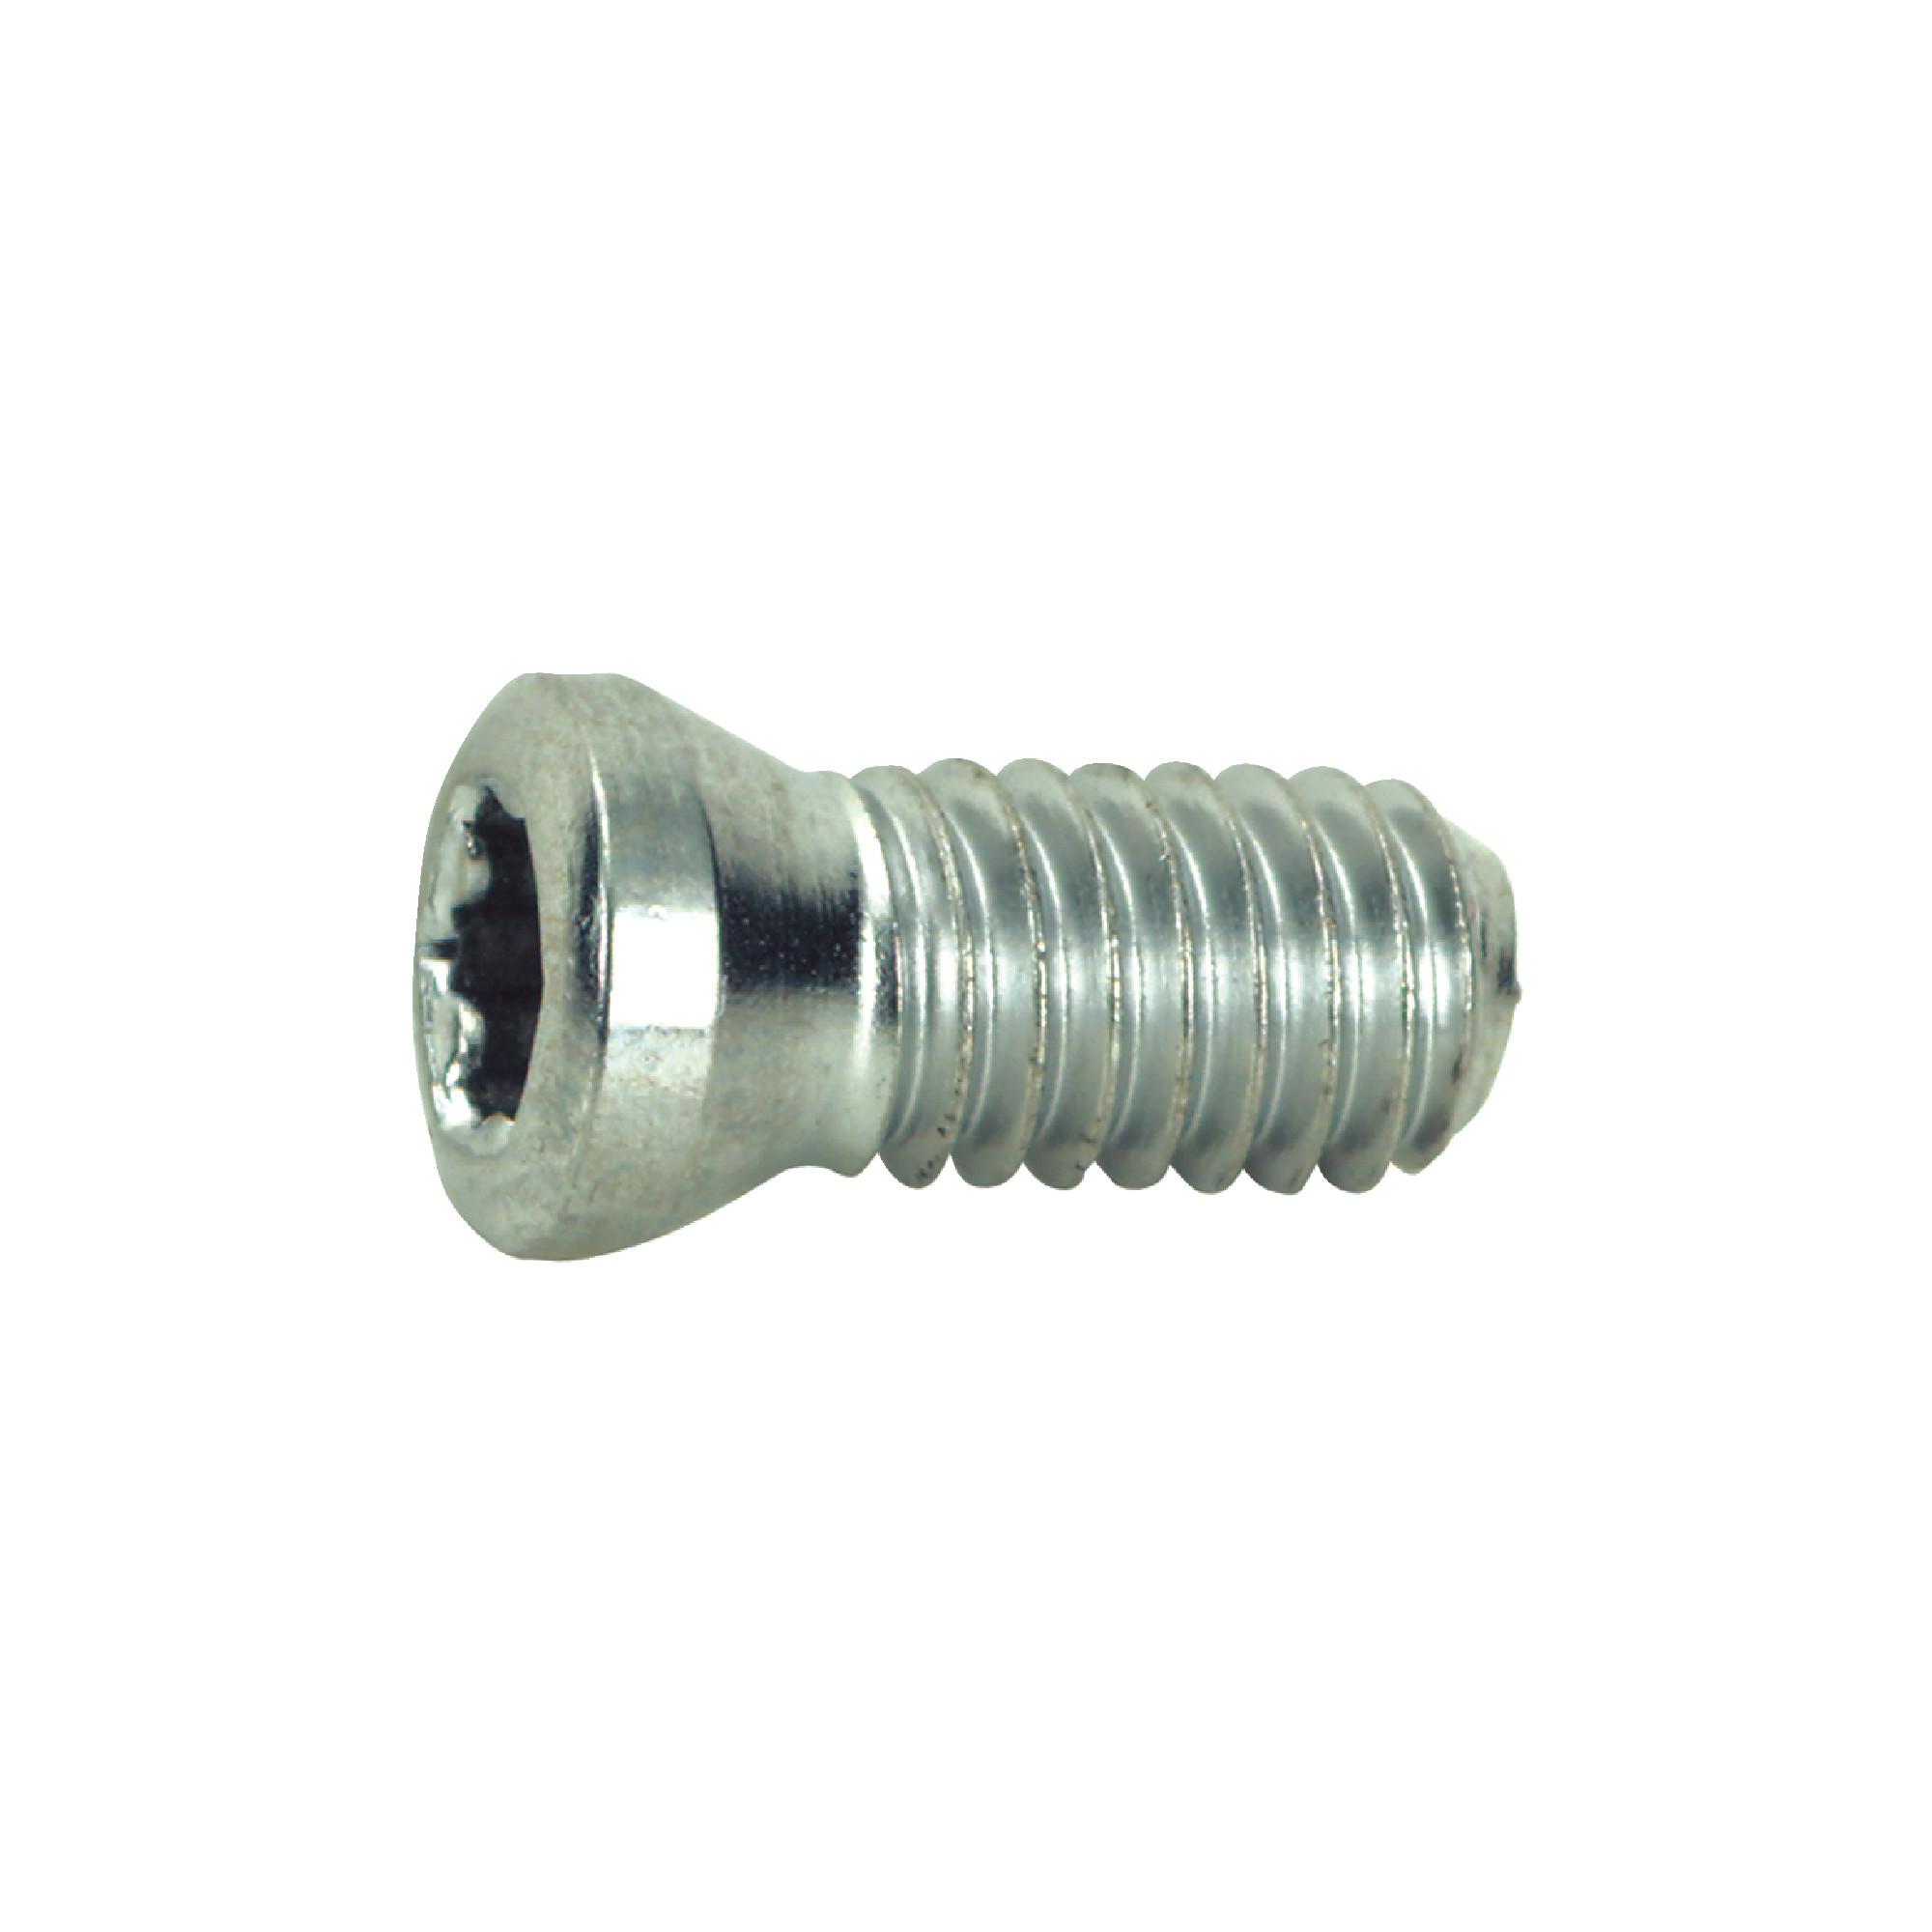 ALLIED - 724-IP7-1 Torx® Screw